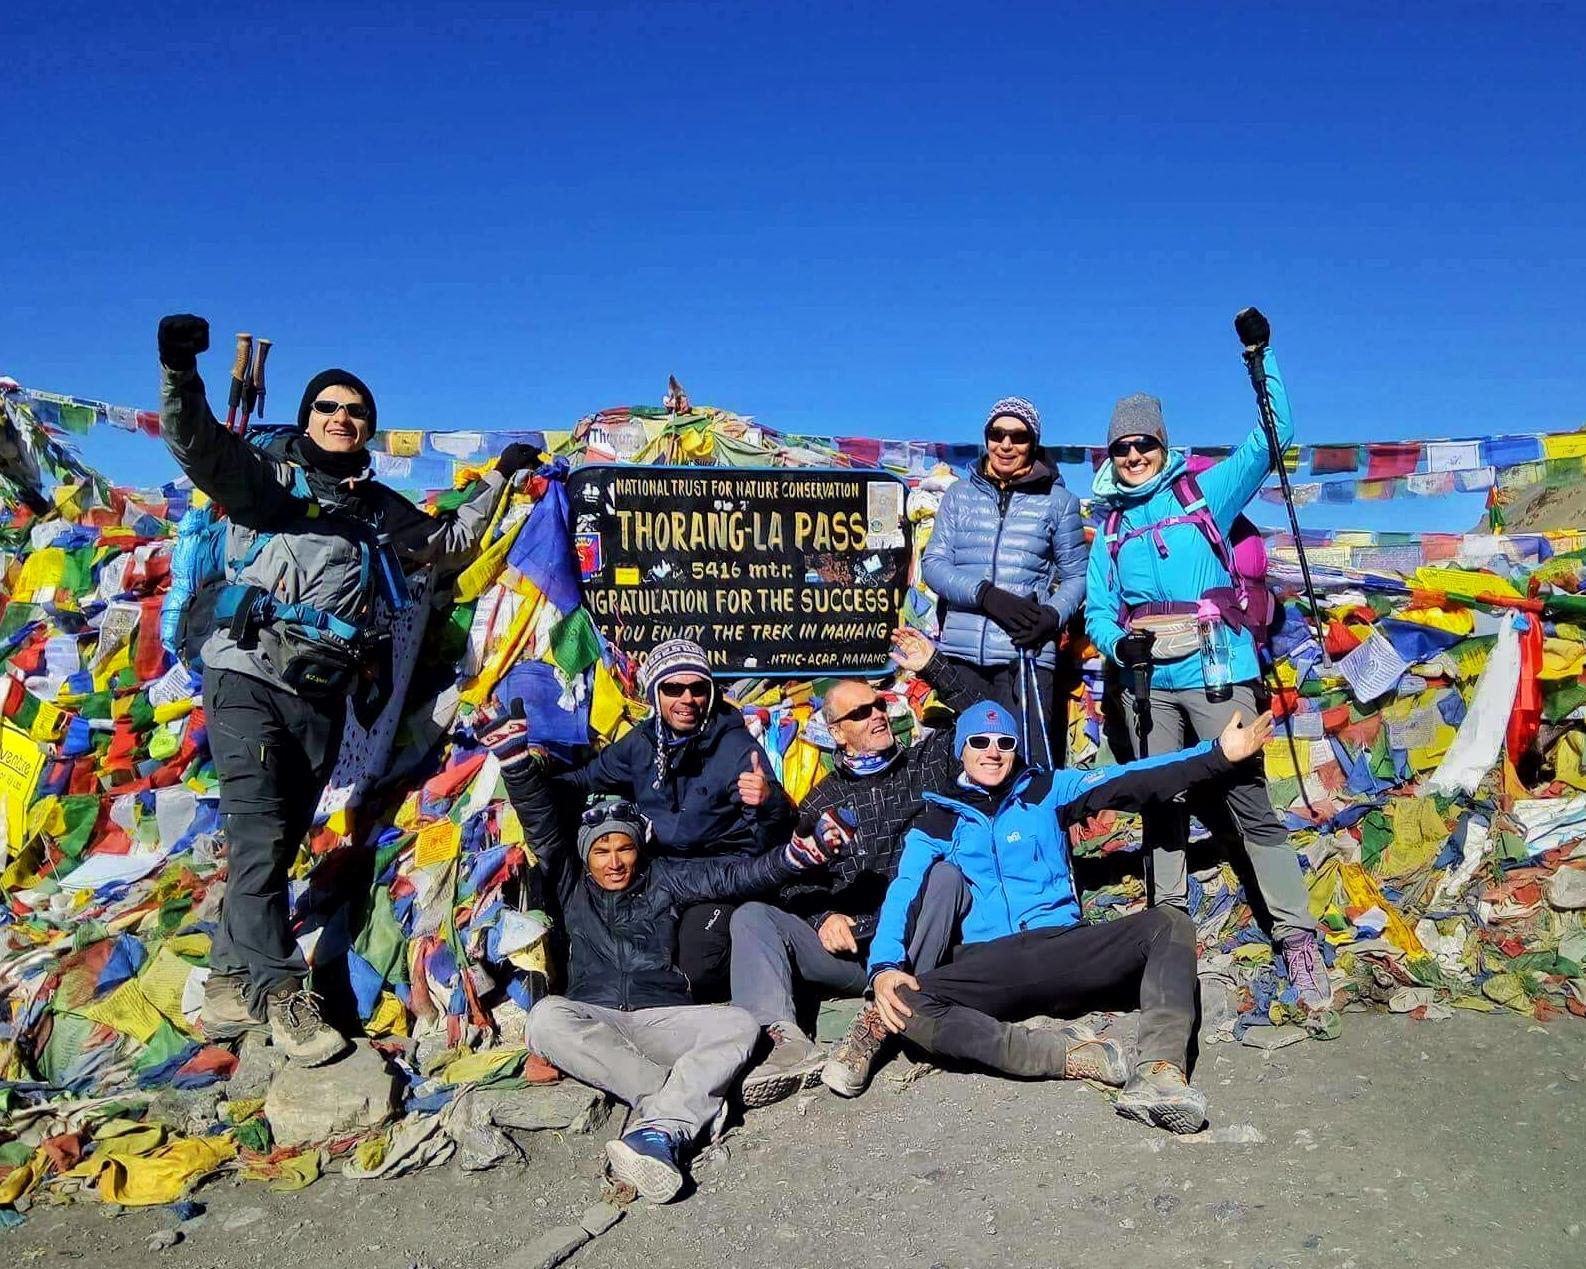 Polsko-nepalska ekipa świętująca wyjście naThorung La